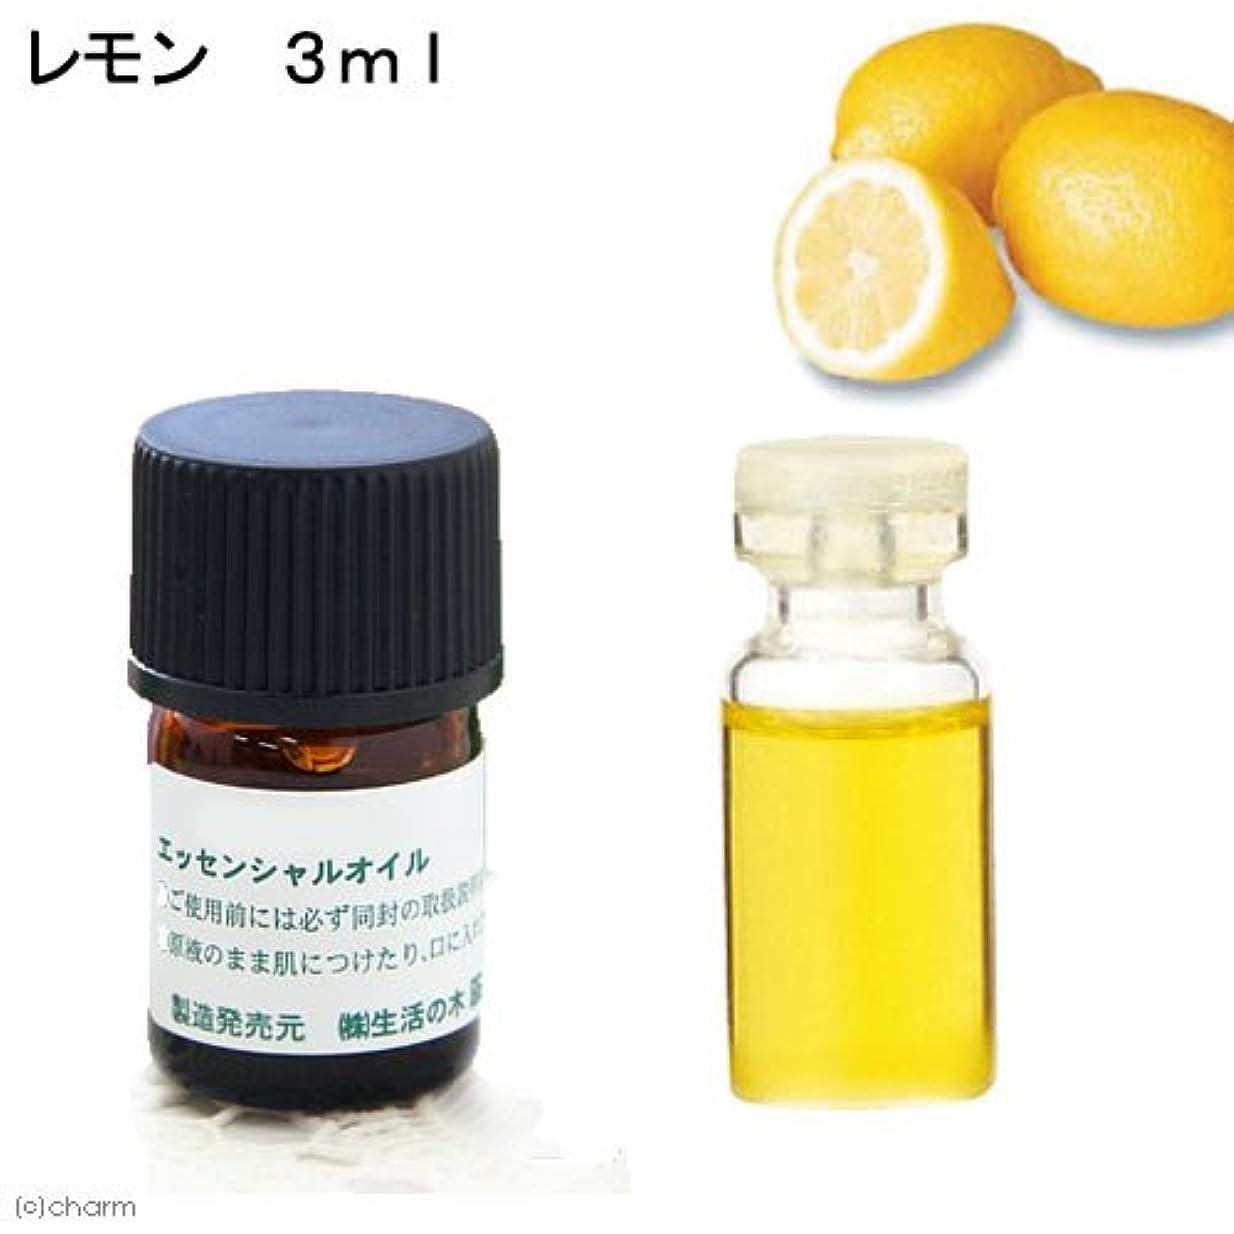 コーデリアプロペラ雇用者生活の木 レモン 3ml